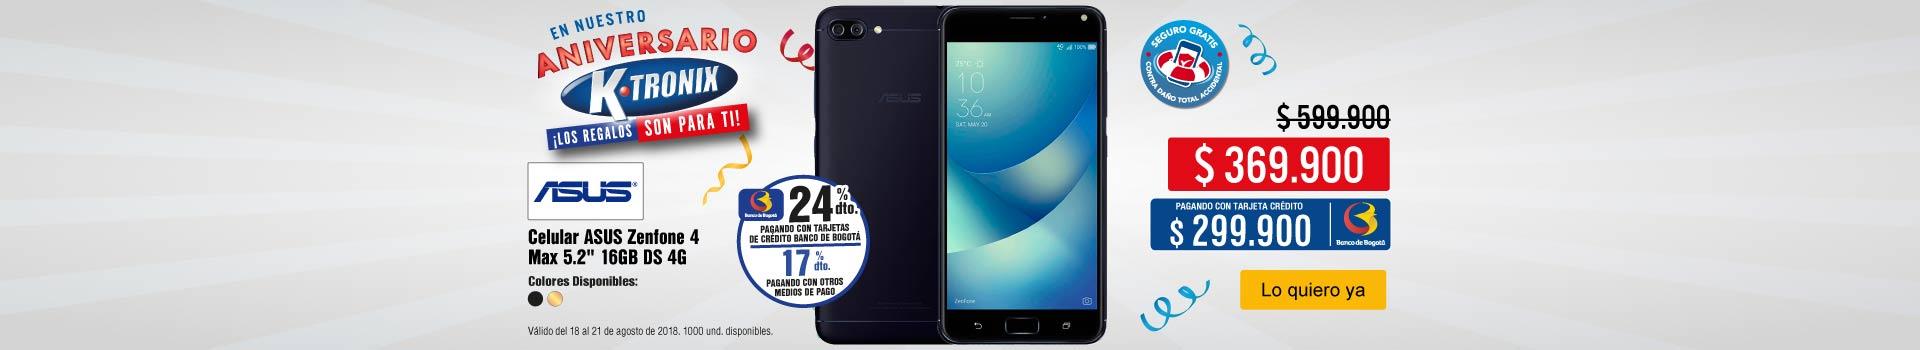 KT-BCAT-1-celulares-PP---Asus-Zenfone4MaxPlus5.7-Ago18